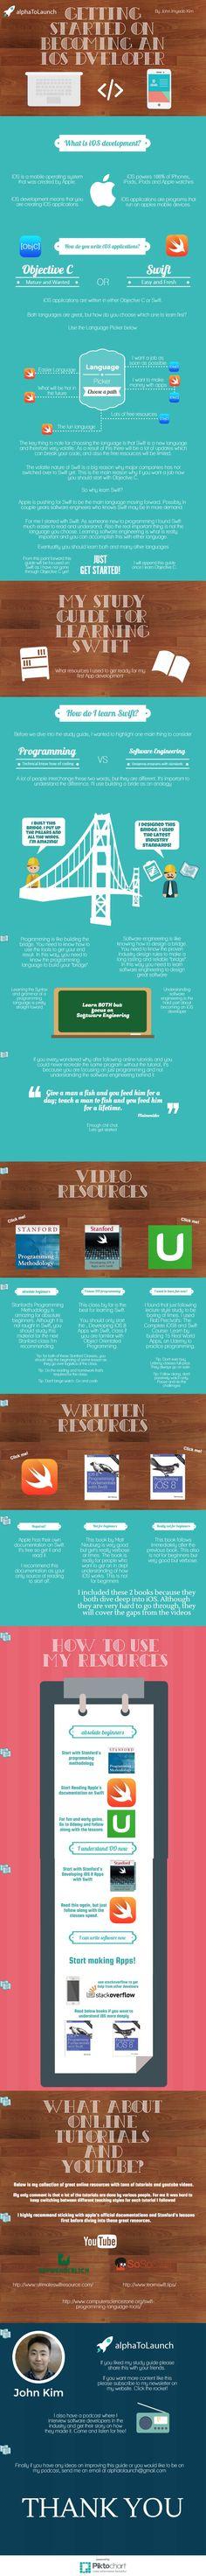 Becoming an IOS Developer | @Piktochart Infographic